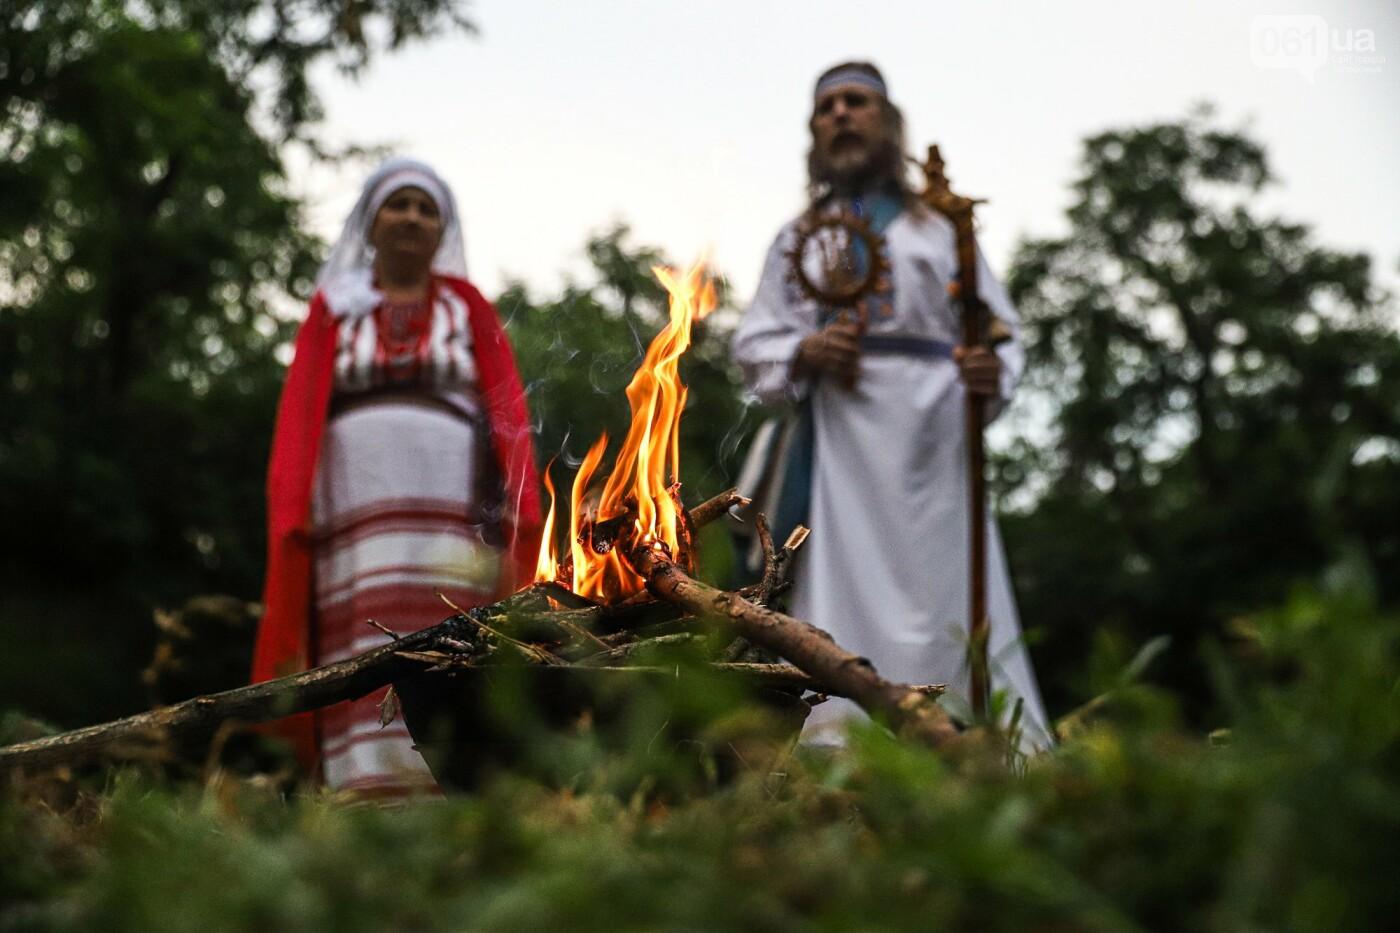 Огонь и дубовые венки: как на Хортице отметили праздник Перуна, - ФОТОРЕПОРТАЖ, фото-27